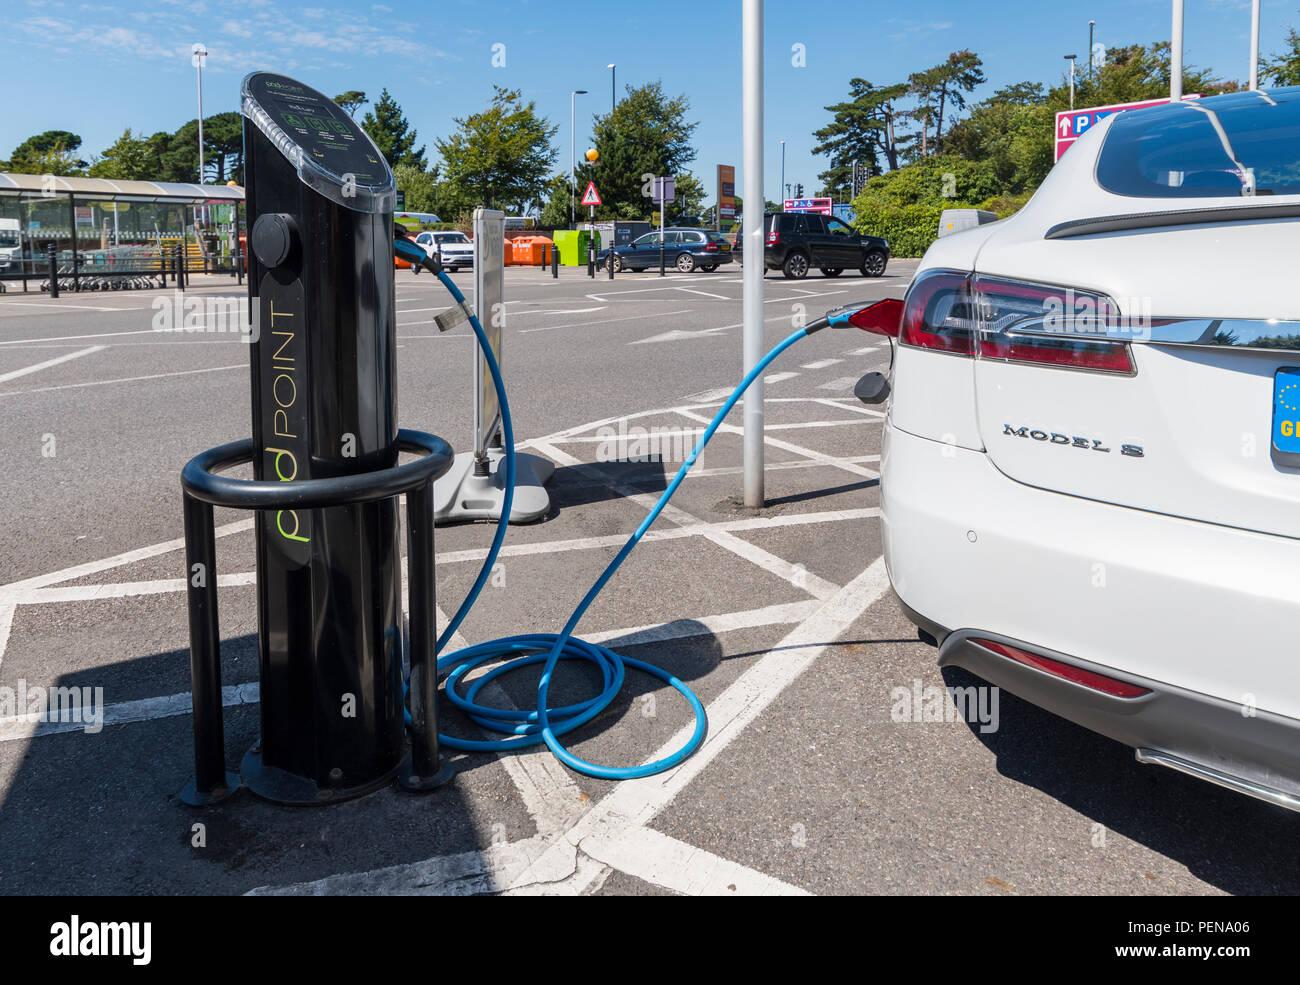 Elektroauto an eine Ladestation. Elektrofahrzeug mit einem Ladegerät, Port in West Sussex, England, UK verbunden. Stockbild